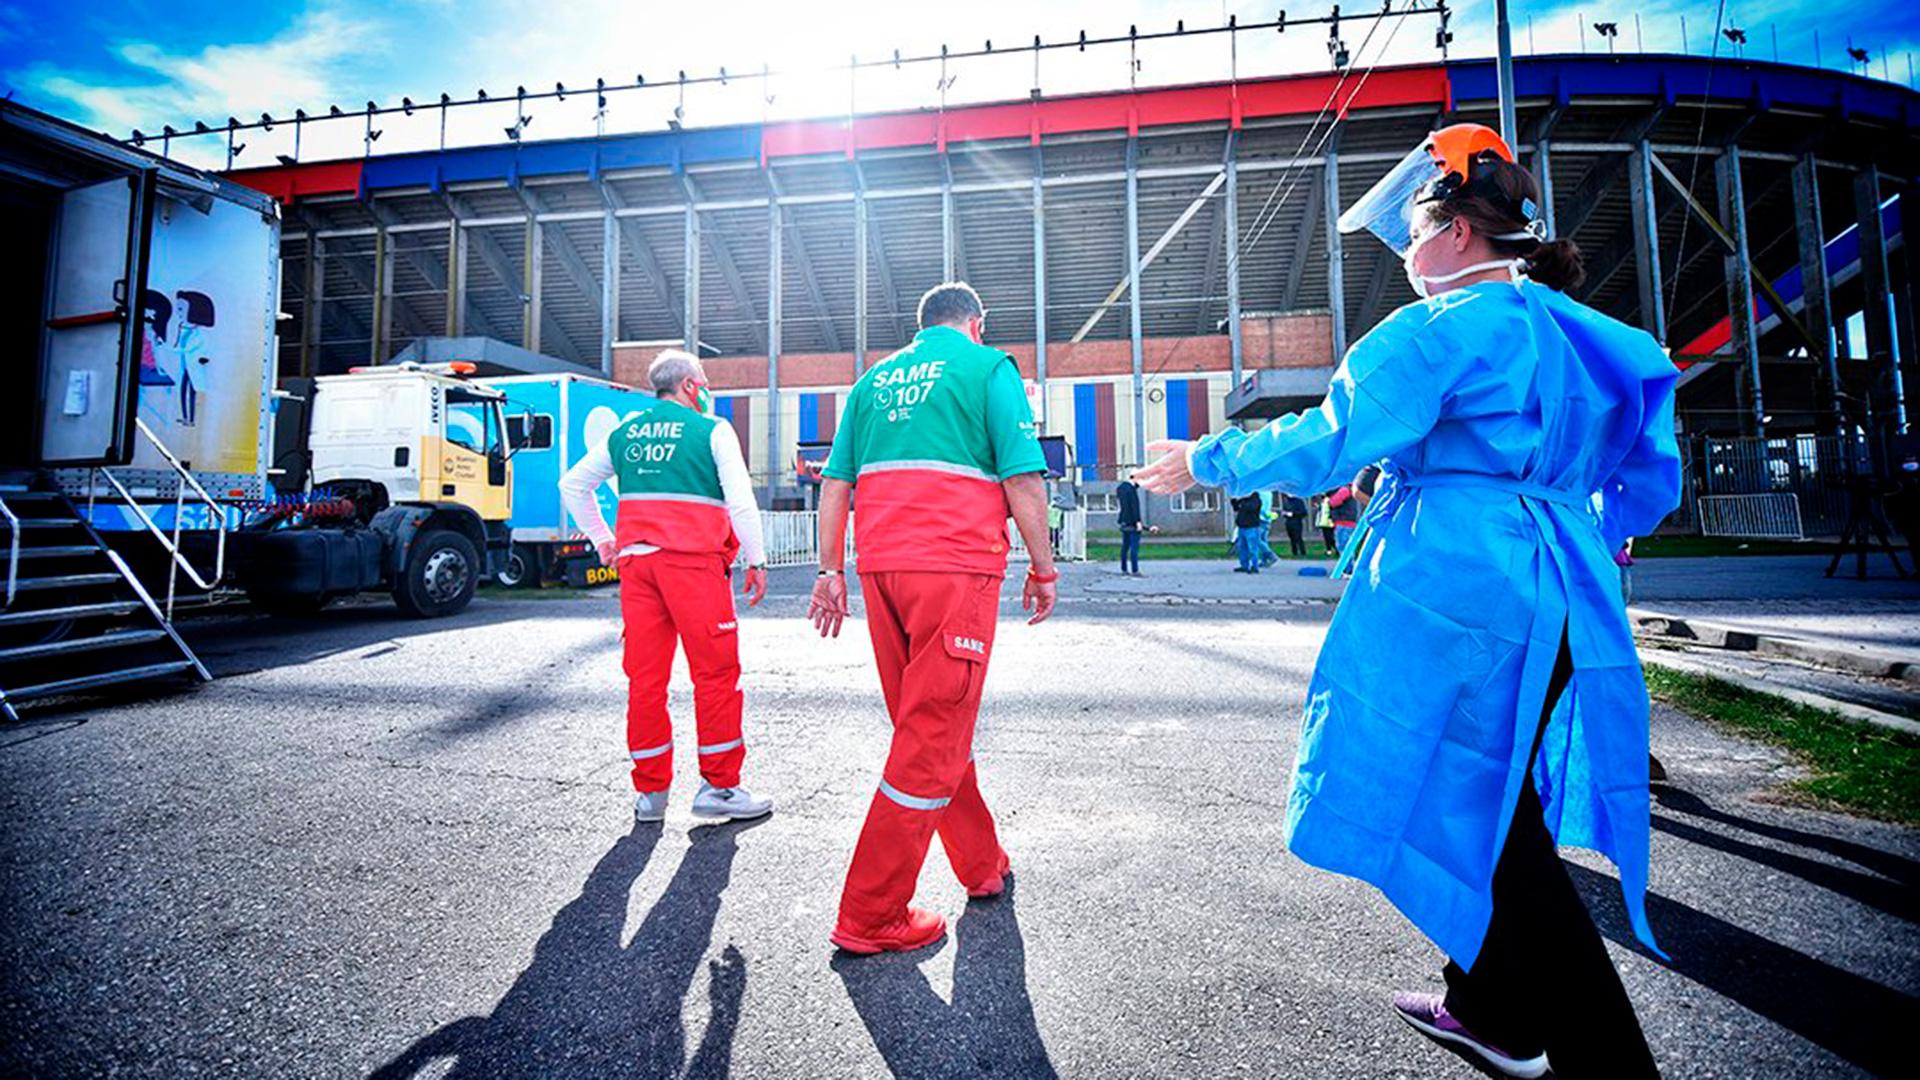 El 12 de mayo, dos meses después del último partido como local, San Lorenzo de Almagro cedió las instalaciones del estadio para instalar unidades sanitarias móviles y un centro de atención médica. El motivo: servir de soporte logístico para la realización de testeos masivos a los vecinos del barrio Padre Ricciardelli, la llamada Villa 1-11-14, donde por esos días se habían detectado 130 casos positivos de COVID-19.